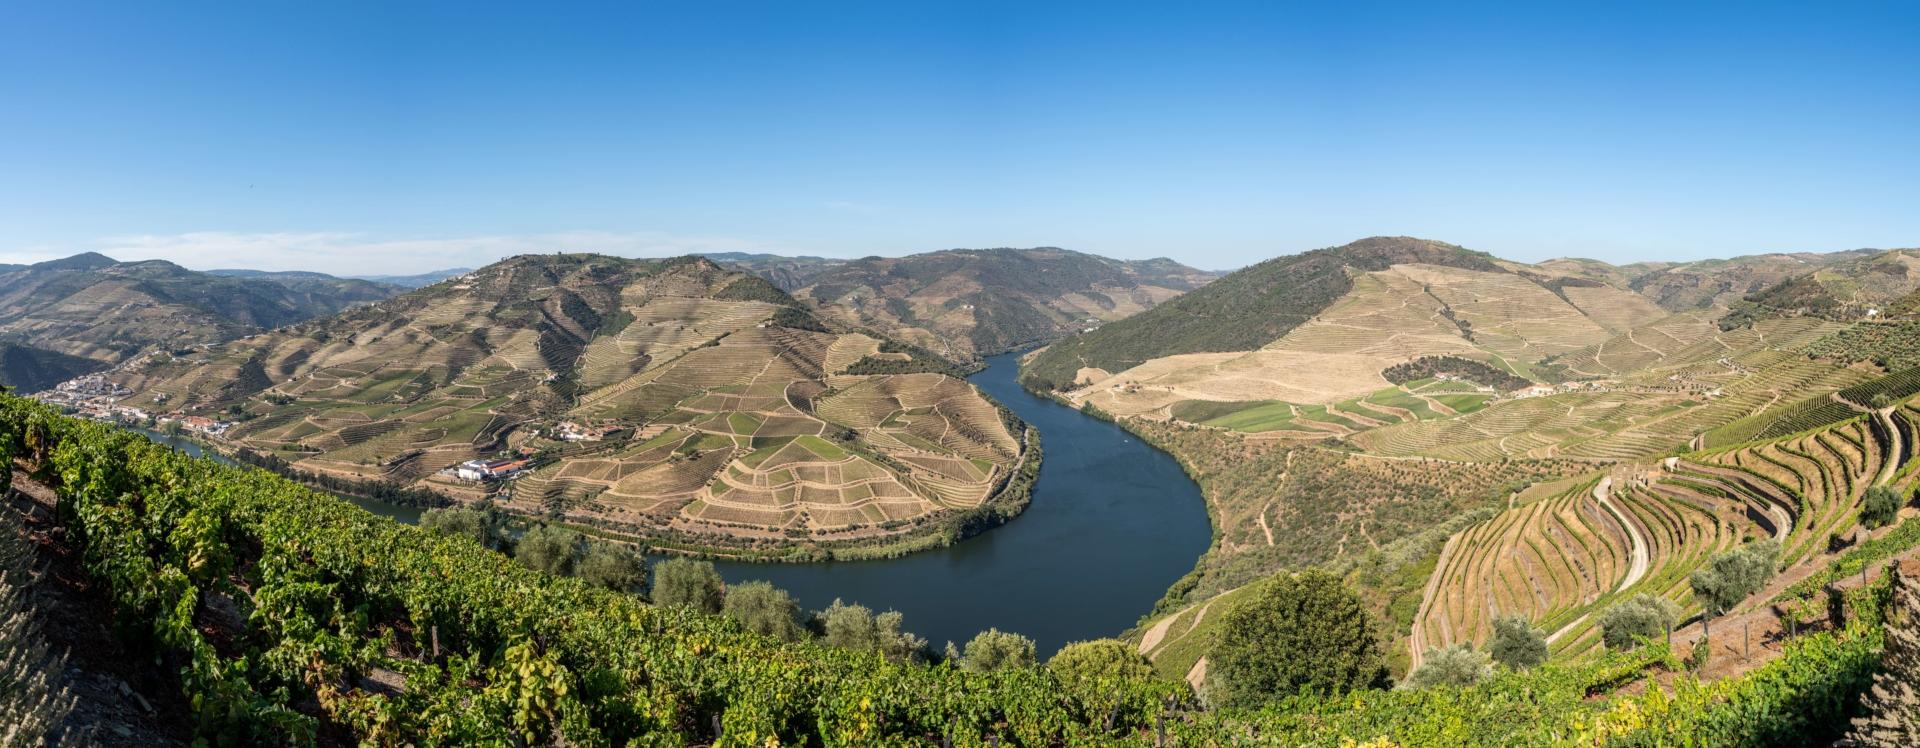 Paysage de la vallée du Douro au Portugal